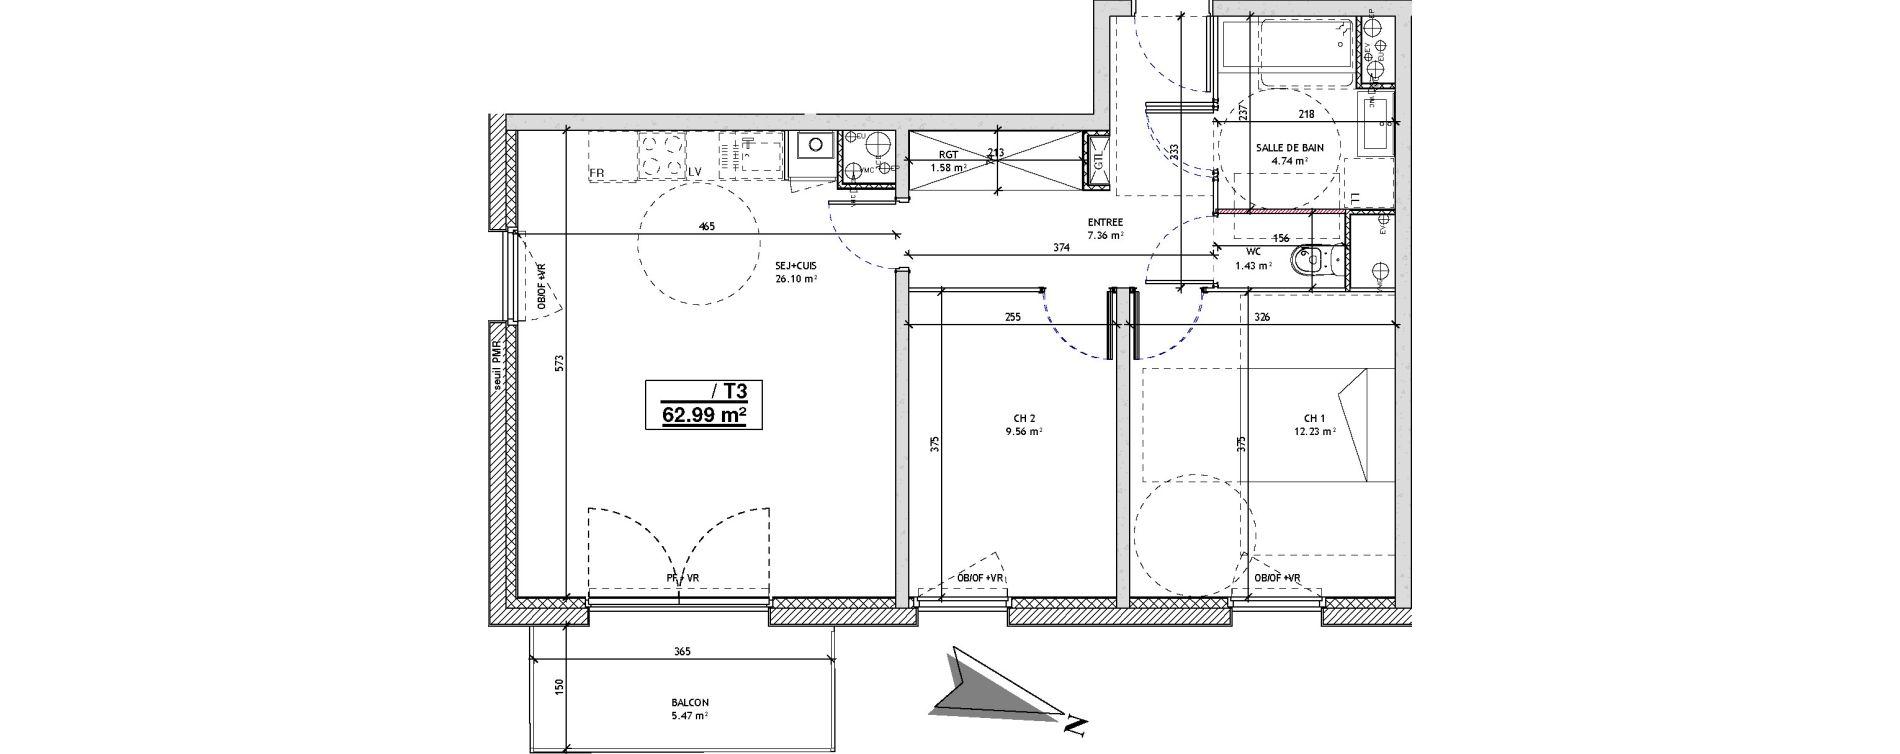 Appartement T3 de 62,99 m2 à Mons-En-Barœul Centre